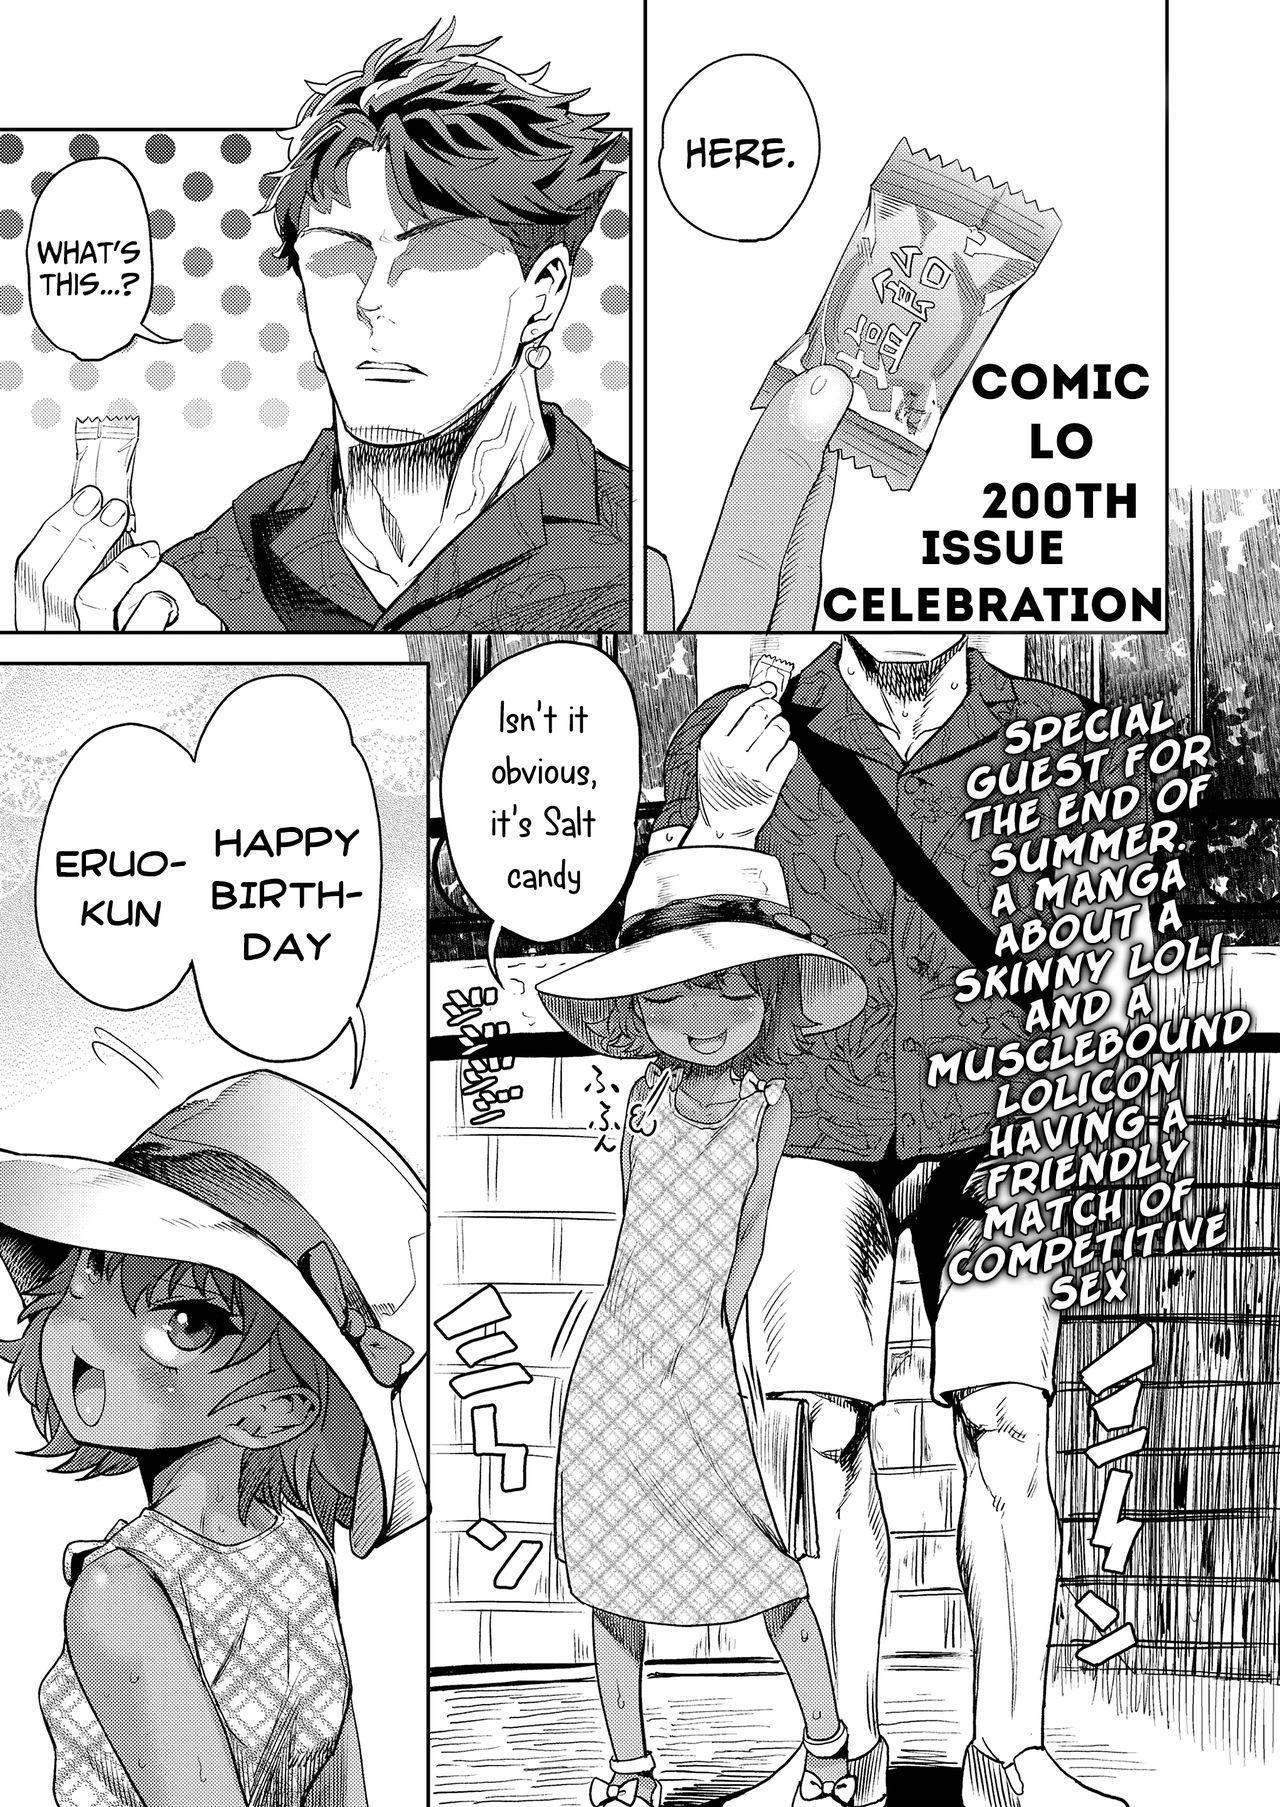 LO200-gou Kinen Manga | Comic LO 200th Issue Celebration 0